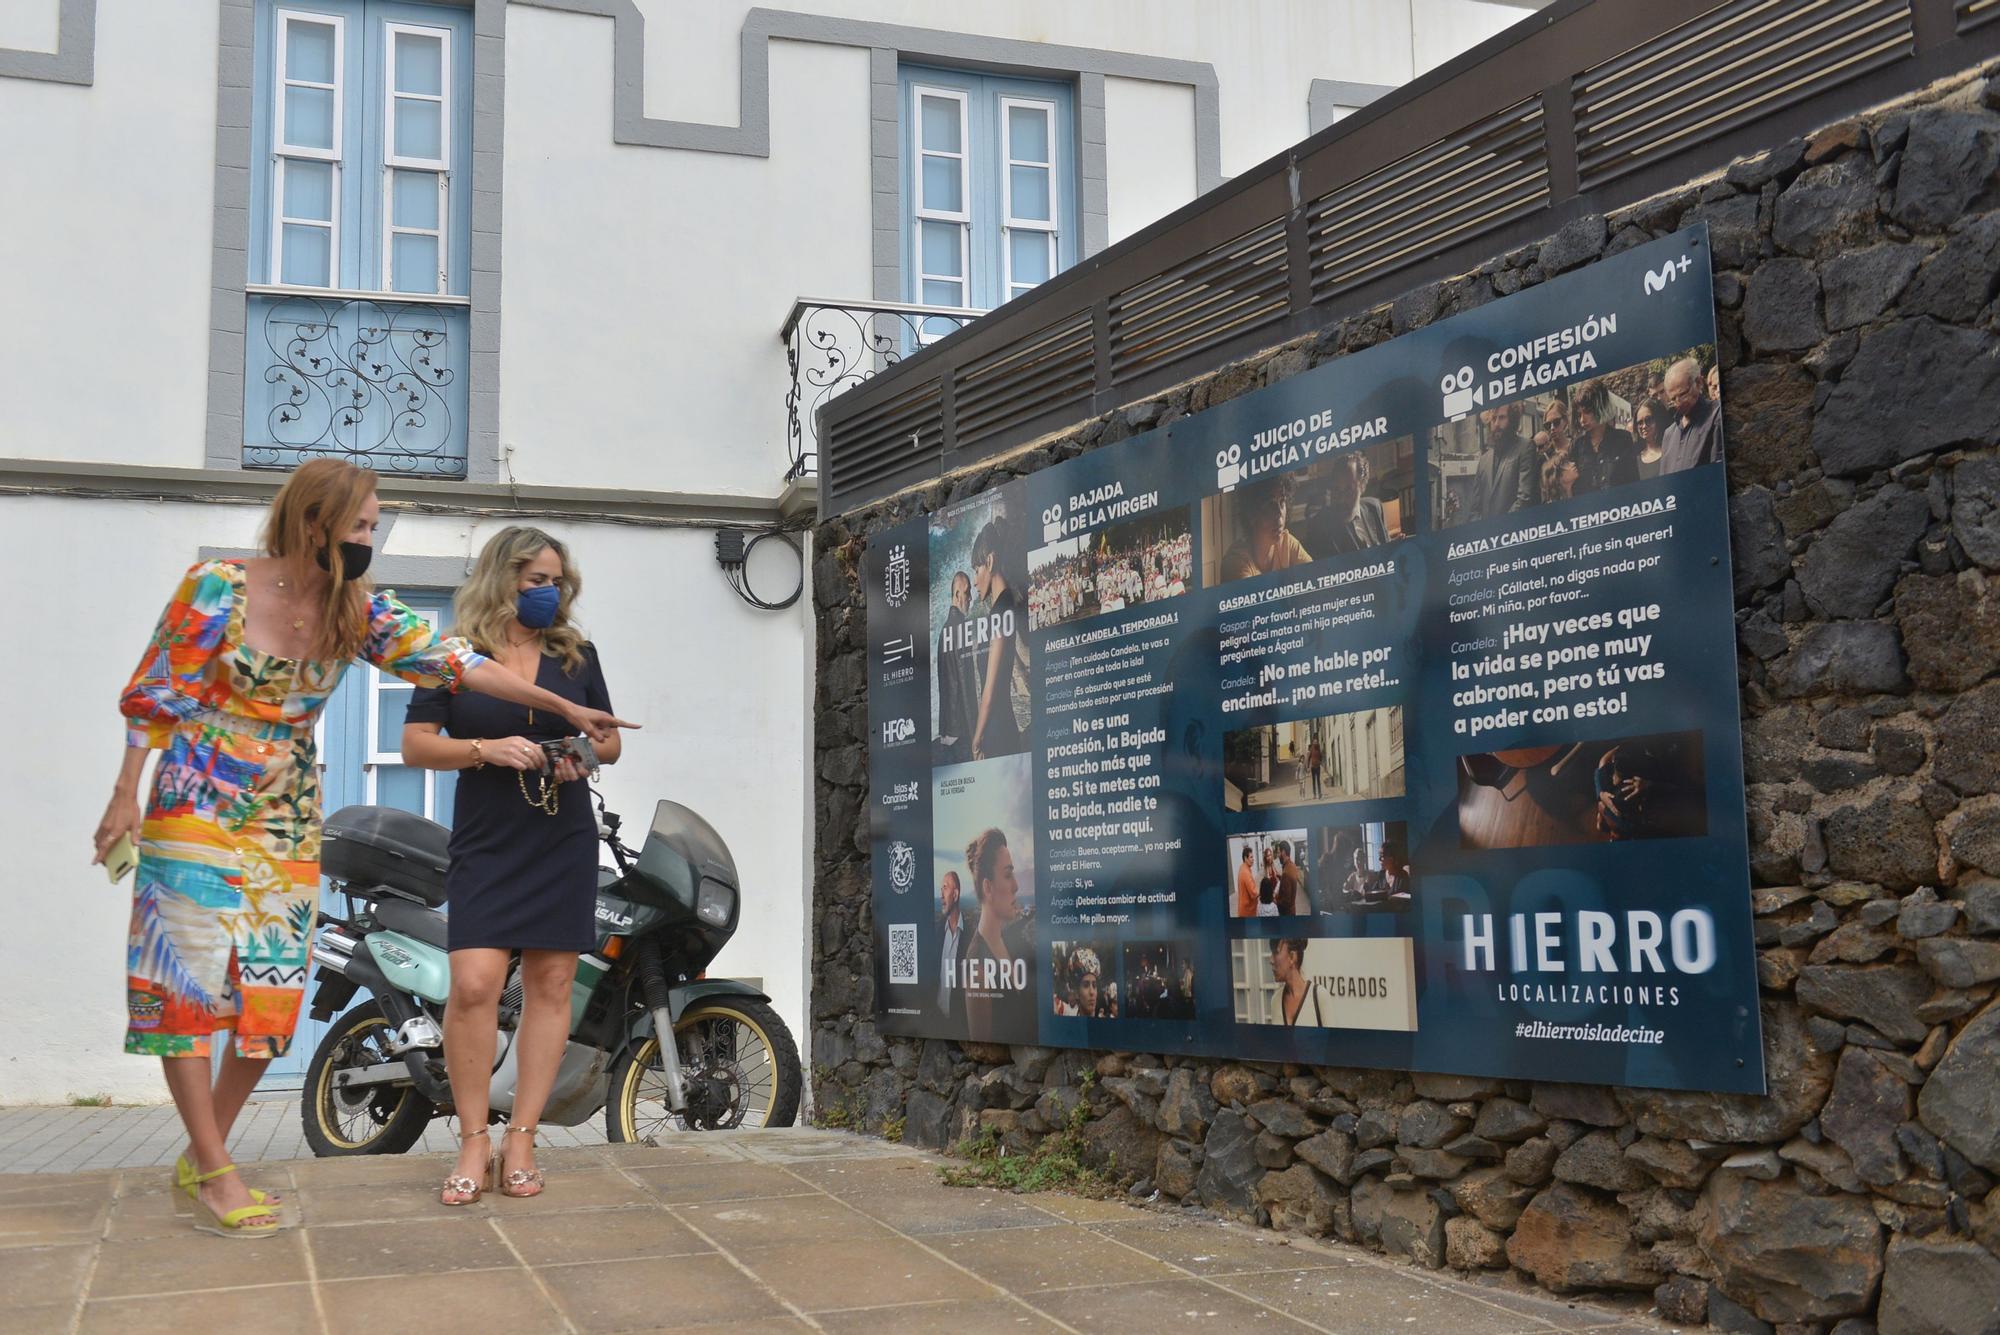 La serie 'Hierro' ya tiene su ruta turística en la isla del Meridiano